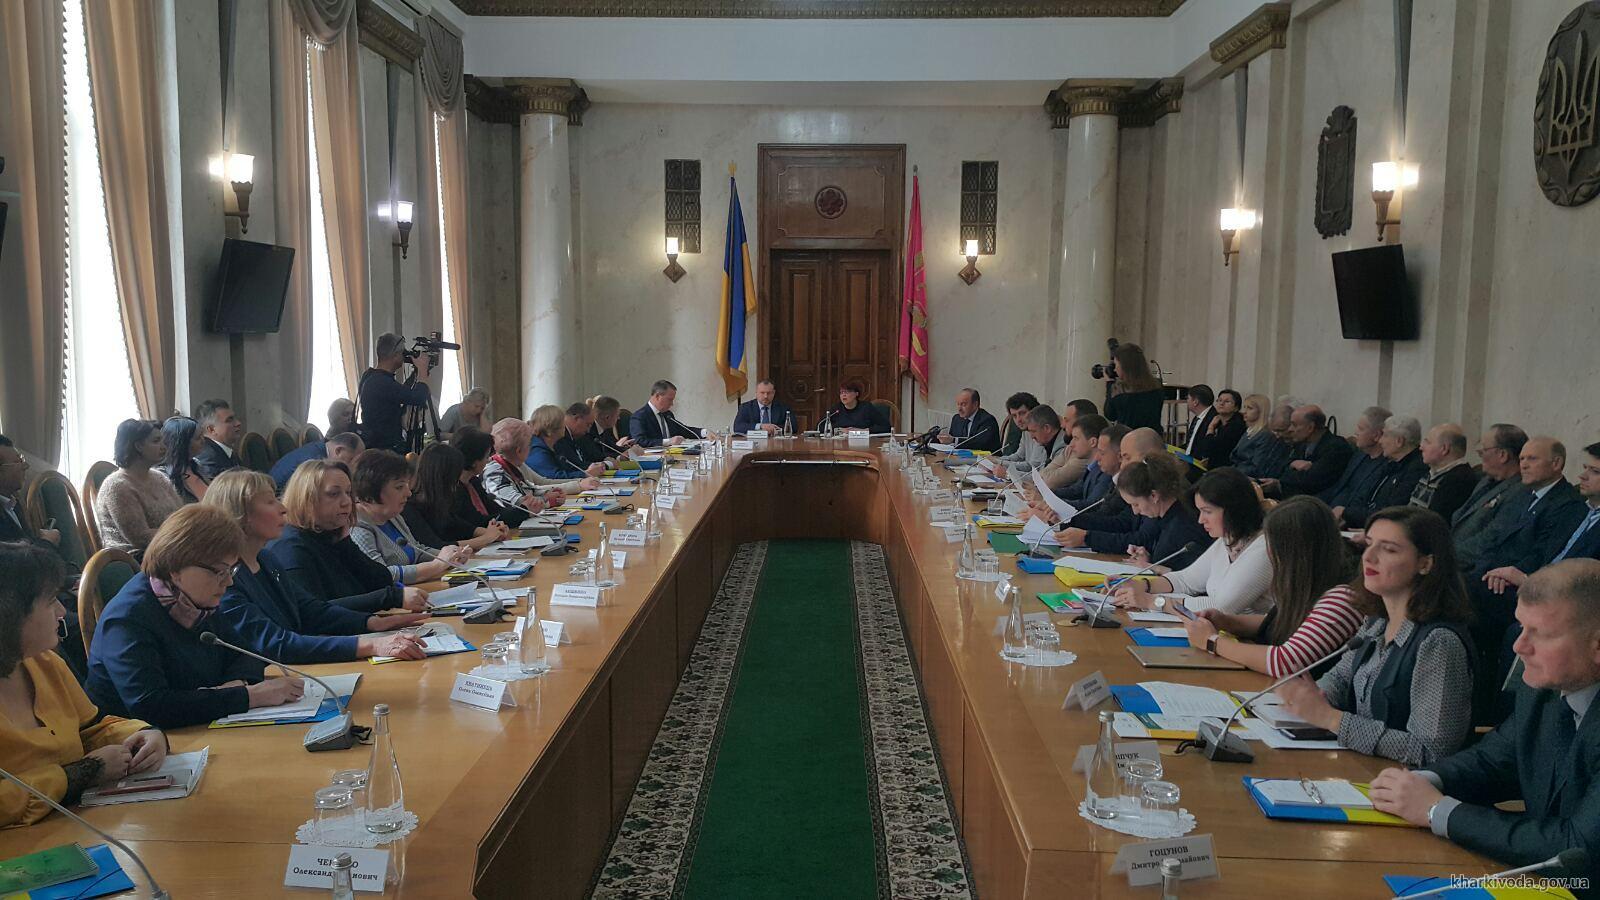 Честный прожиточный минимум в Украине может быть установлен в 4251 гривну